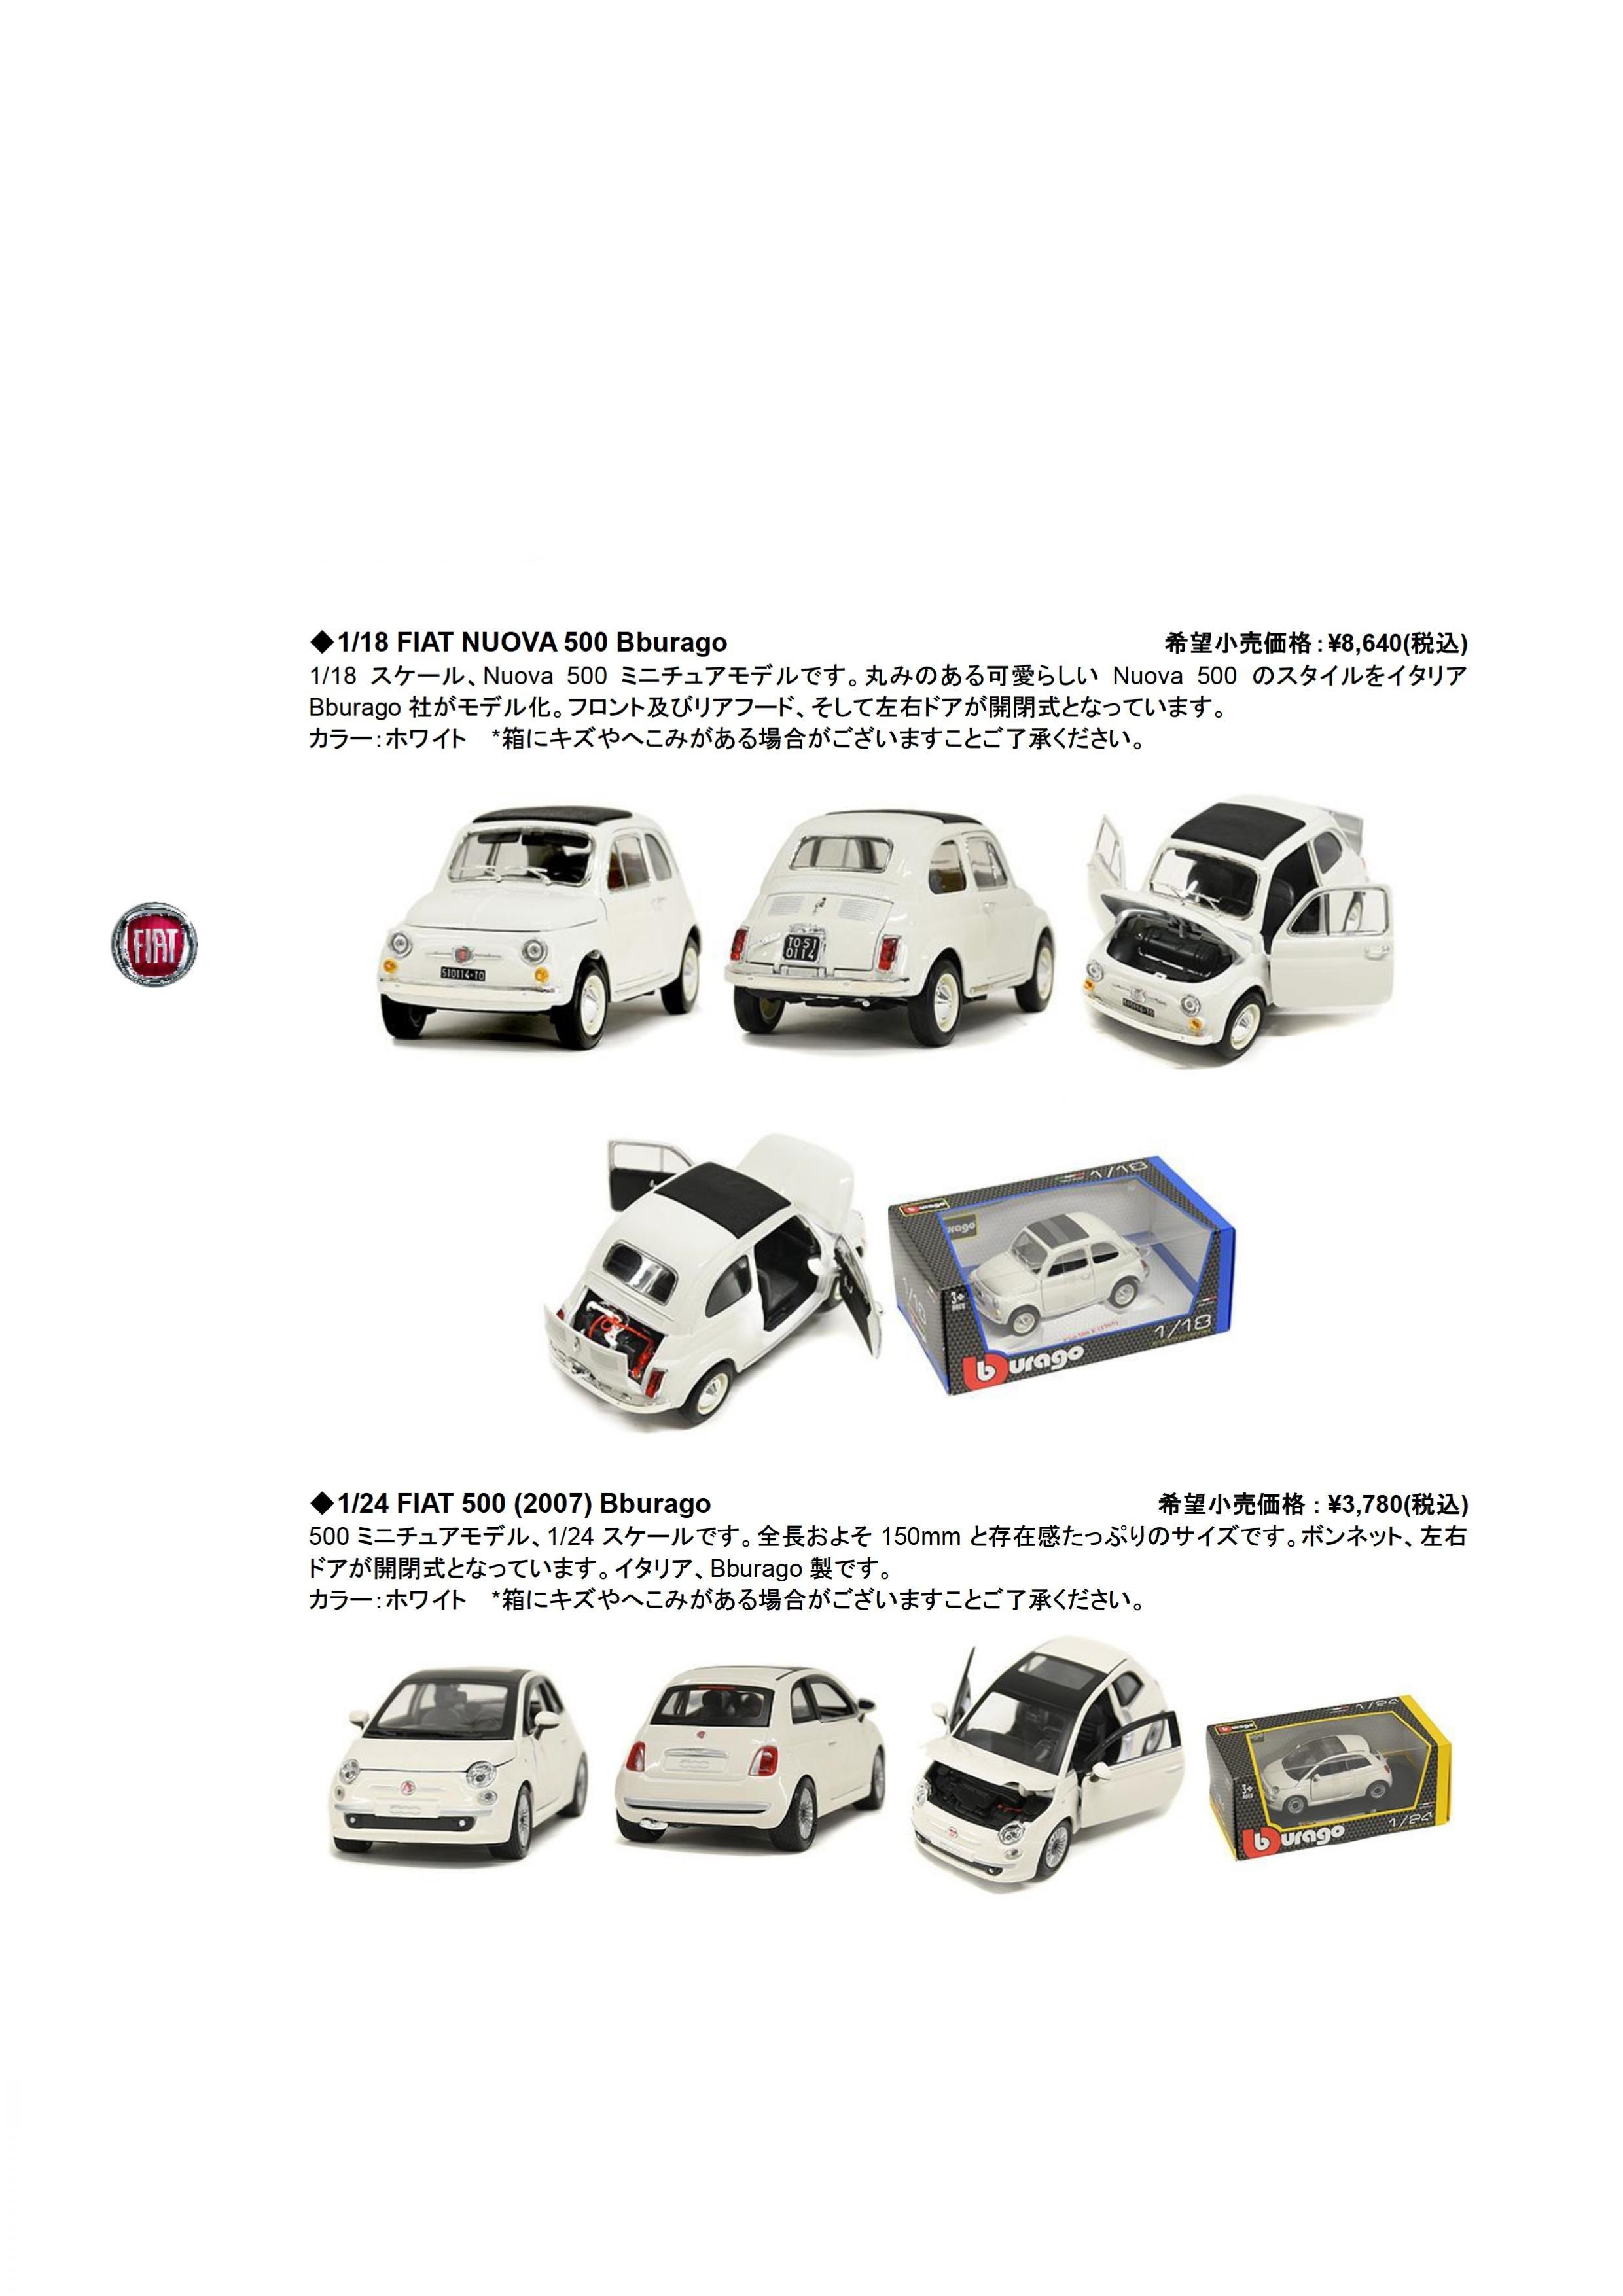 FIAT 500 ミニチュアカーのご案内